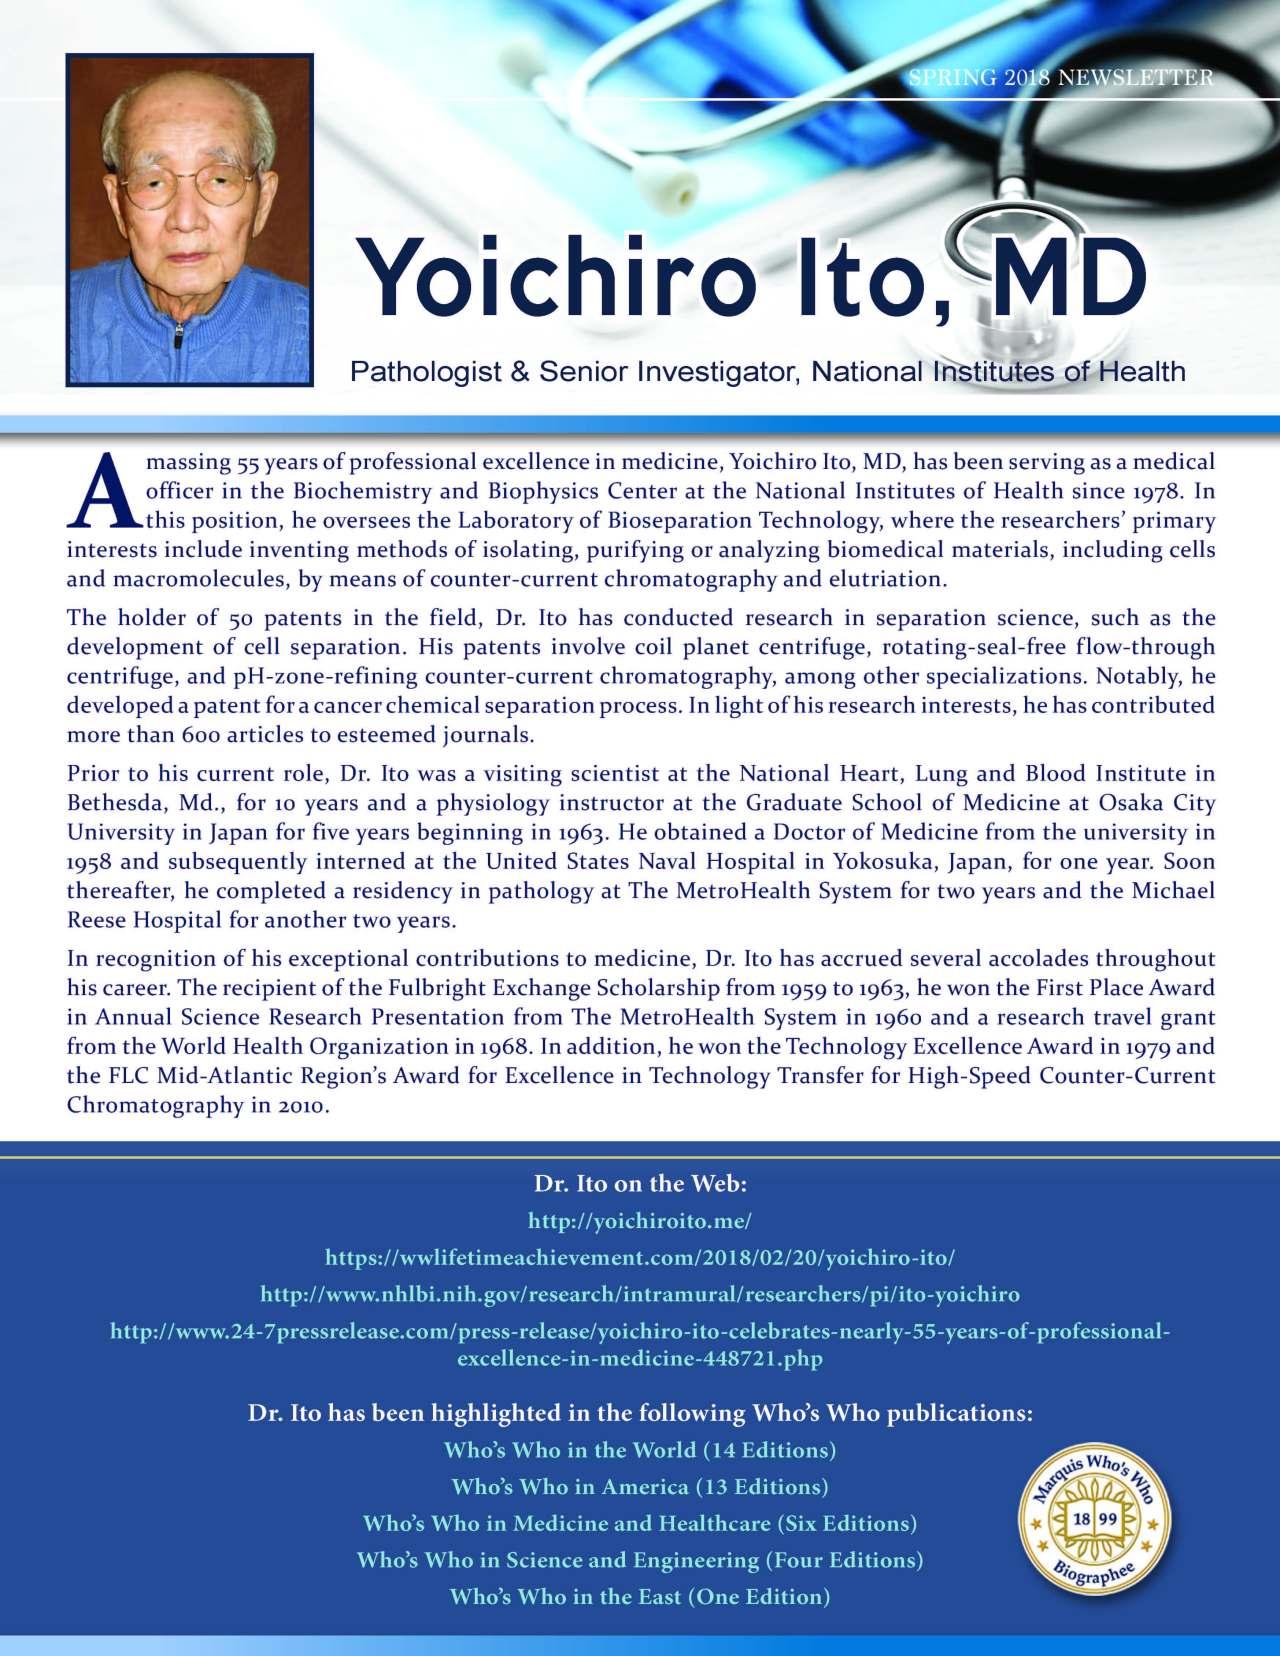 Yoichiro Ito